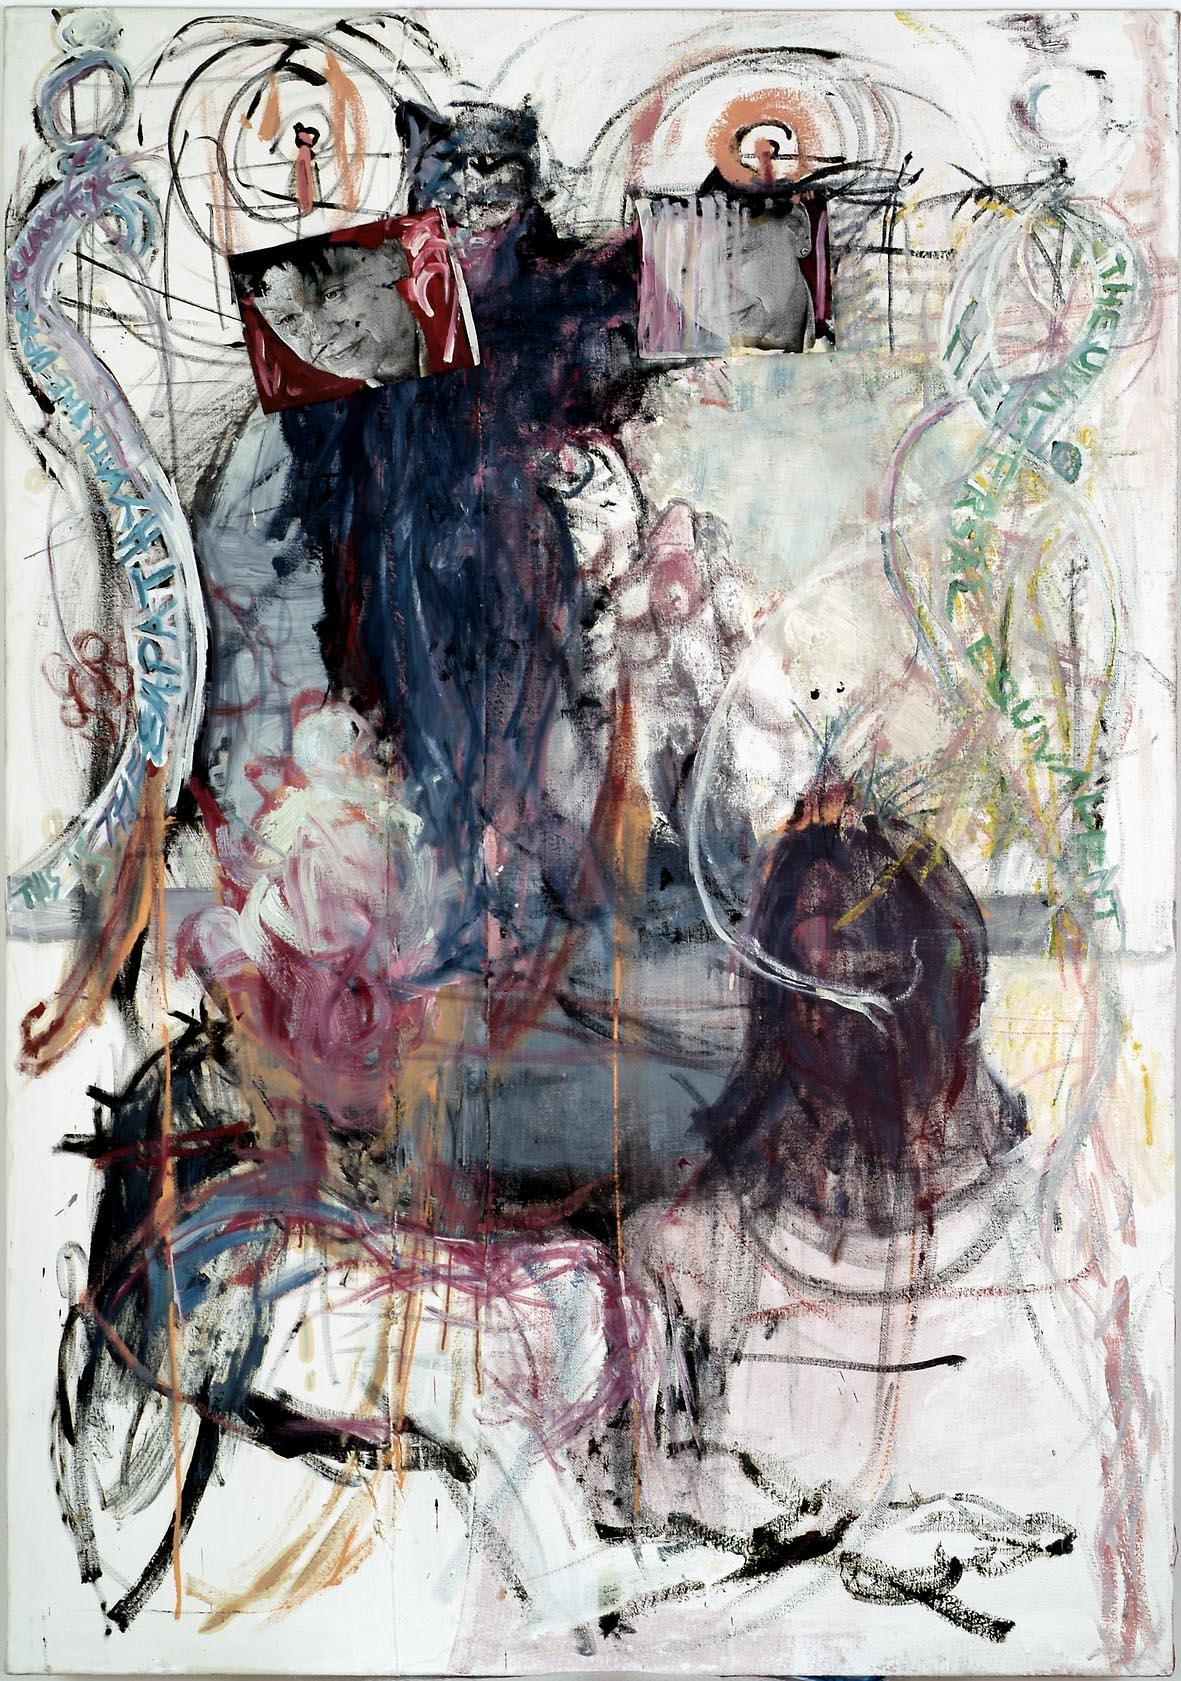 o.T. (Performance) | 1999 | Öl, Mischtechnik und Collage auf Leinwand und Sackleinen | 212 x 150 cm